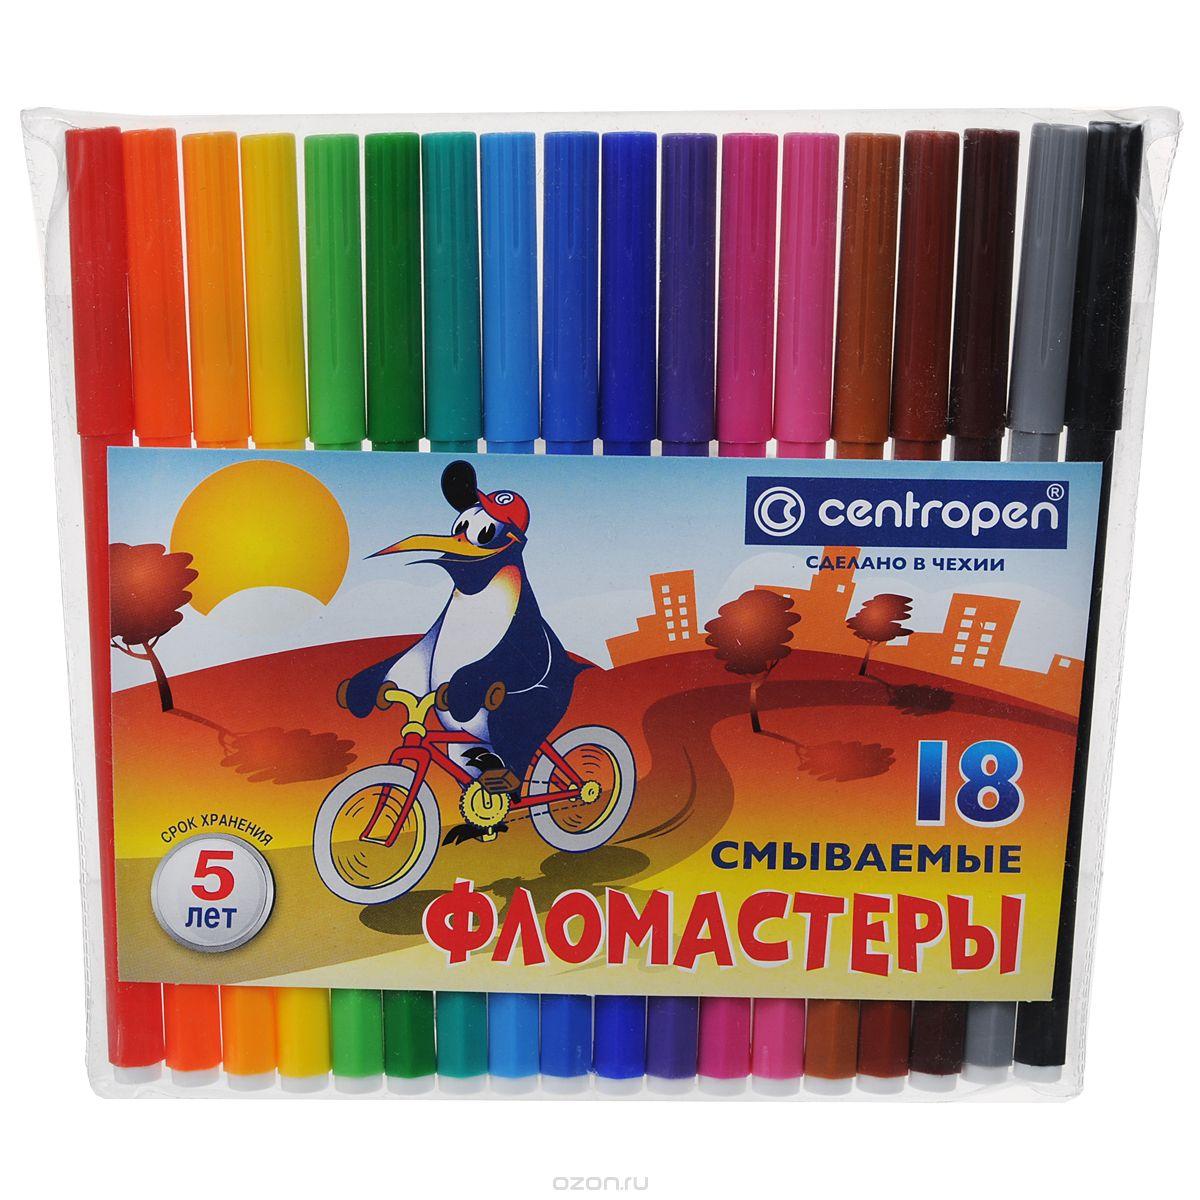 Centropen Набор фломастеров Пингвины 18 цветов7790/18-86Набор Пингвины состоит из 18 разноцветных смываемых фломастеров, которые отлично подойдут и для школьных занятий, и просто для рисования.Фломастеры обладают великолепными яркими и выразительными цветами. Корпус фломастеров изготовлен из полипропилена, который предохраняет чернила от преждевременного высыхания и гарантирует длительный срок службы. Также фломастеры снабжены вентилирующимися колпачками.